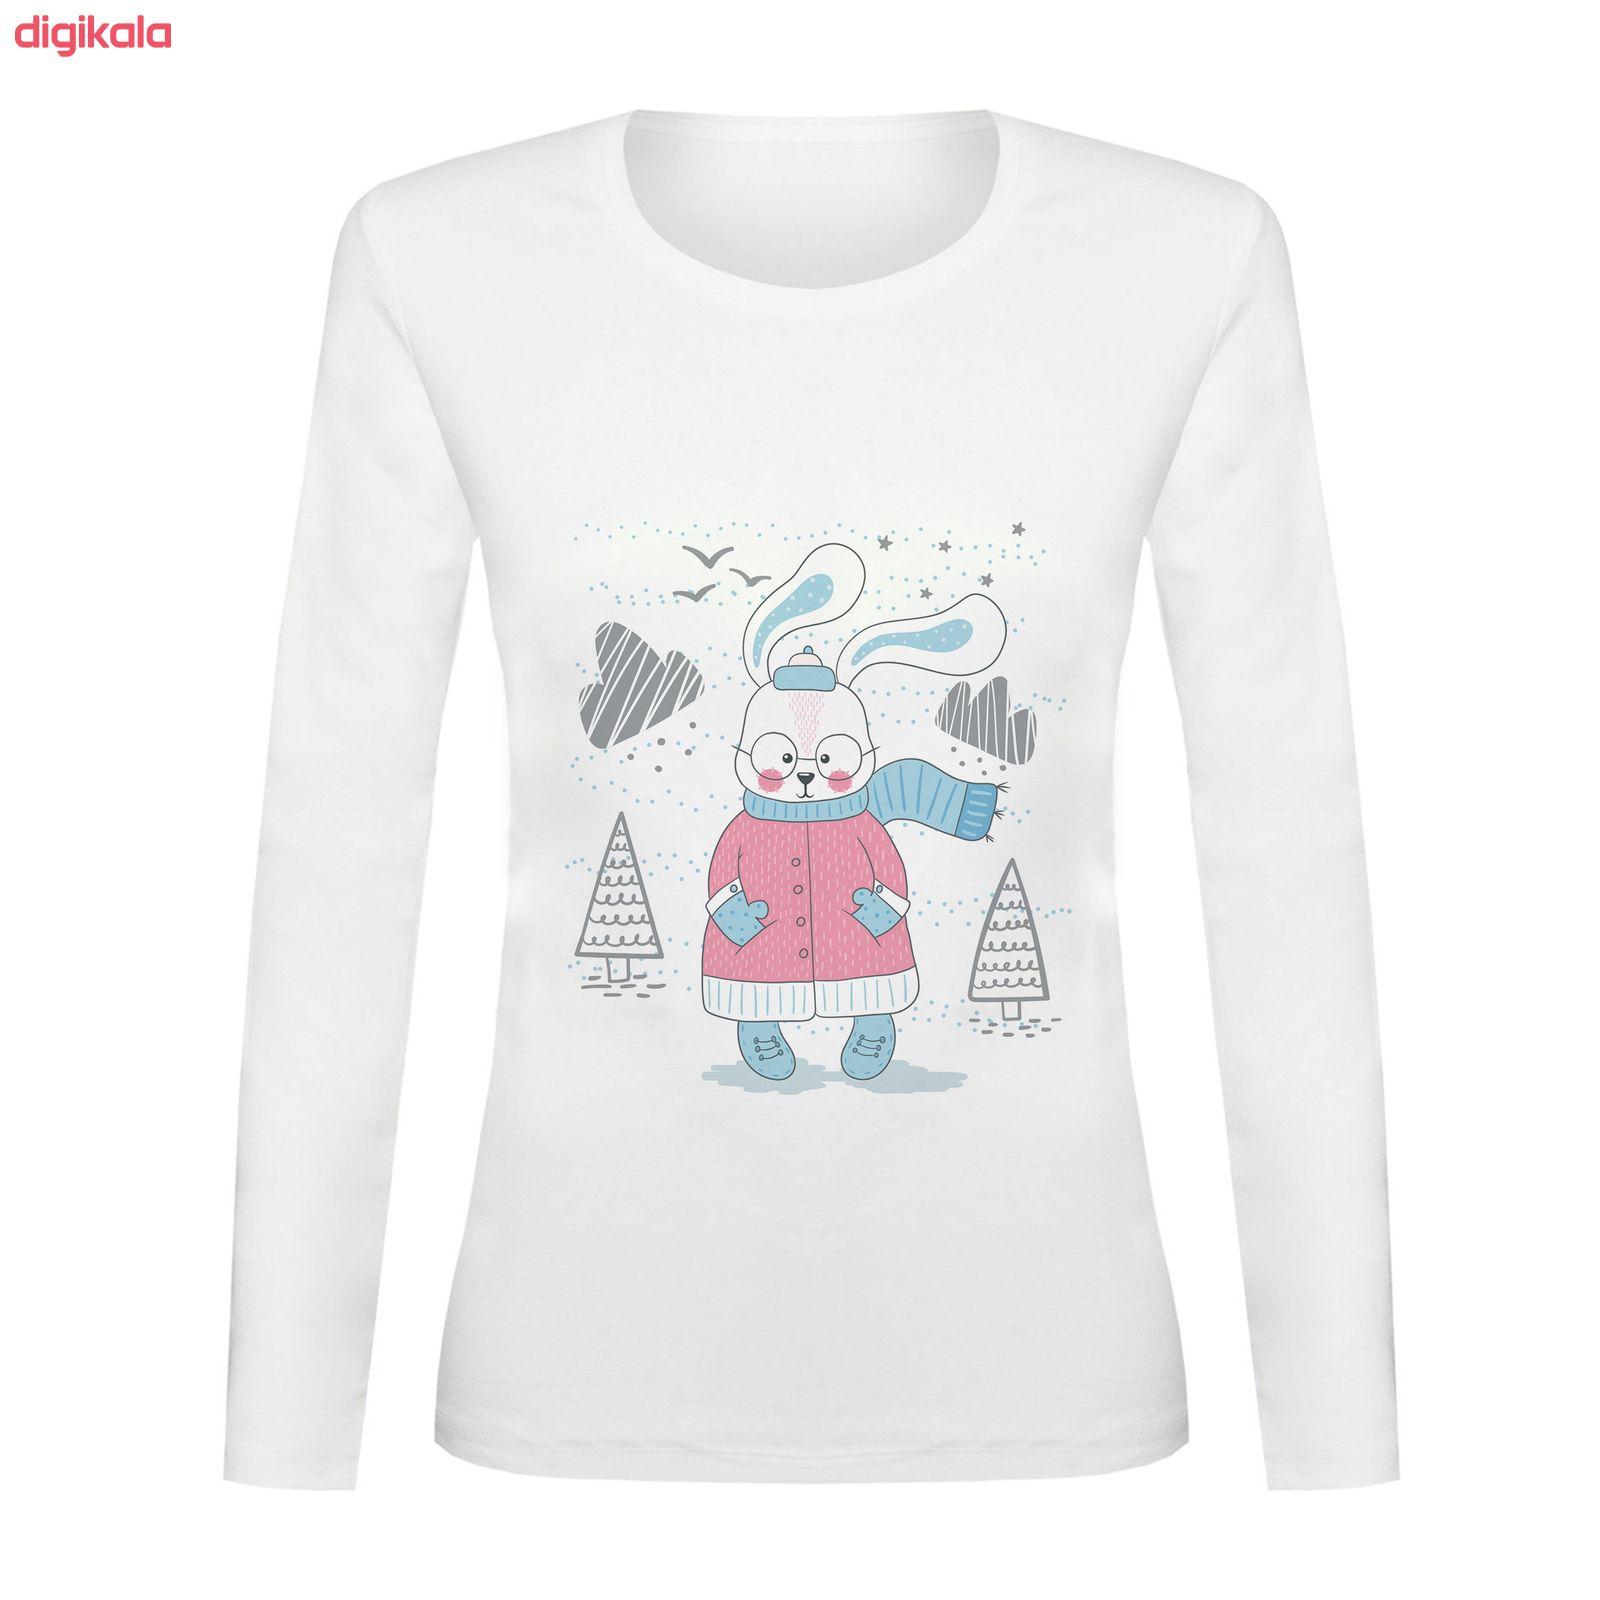 تی شرت آستین بلند زنانه کد TAB01-307